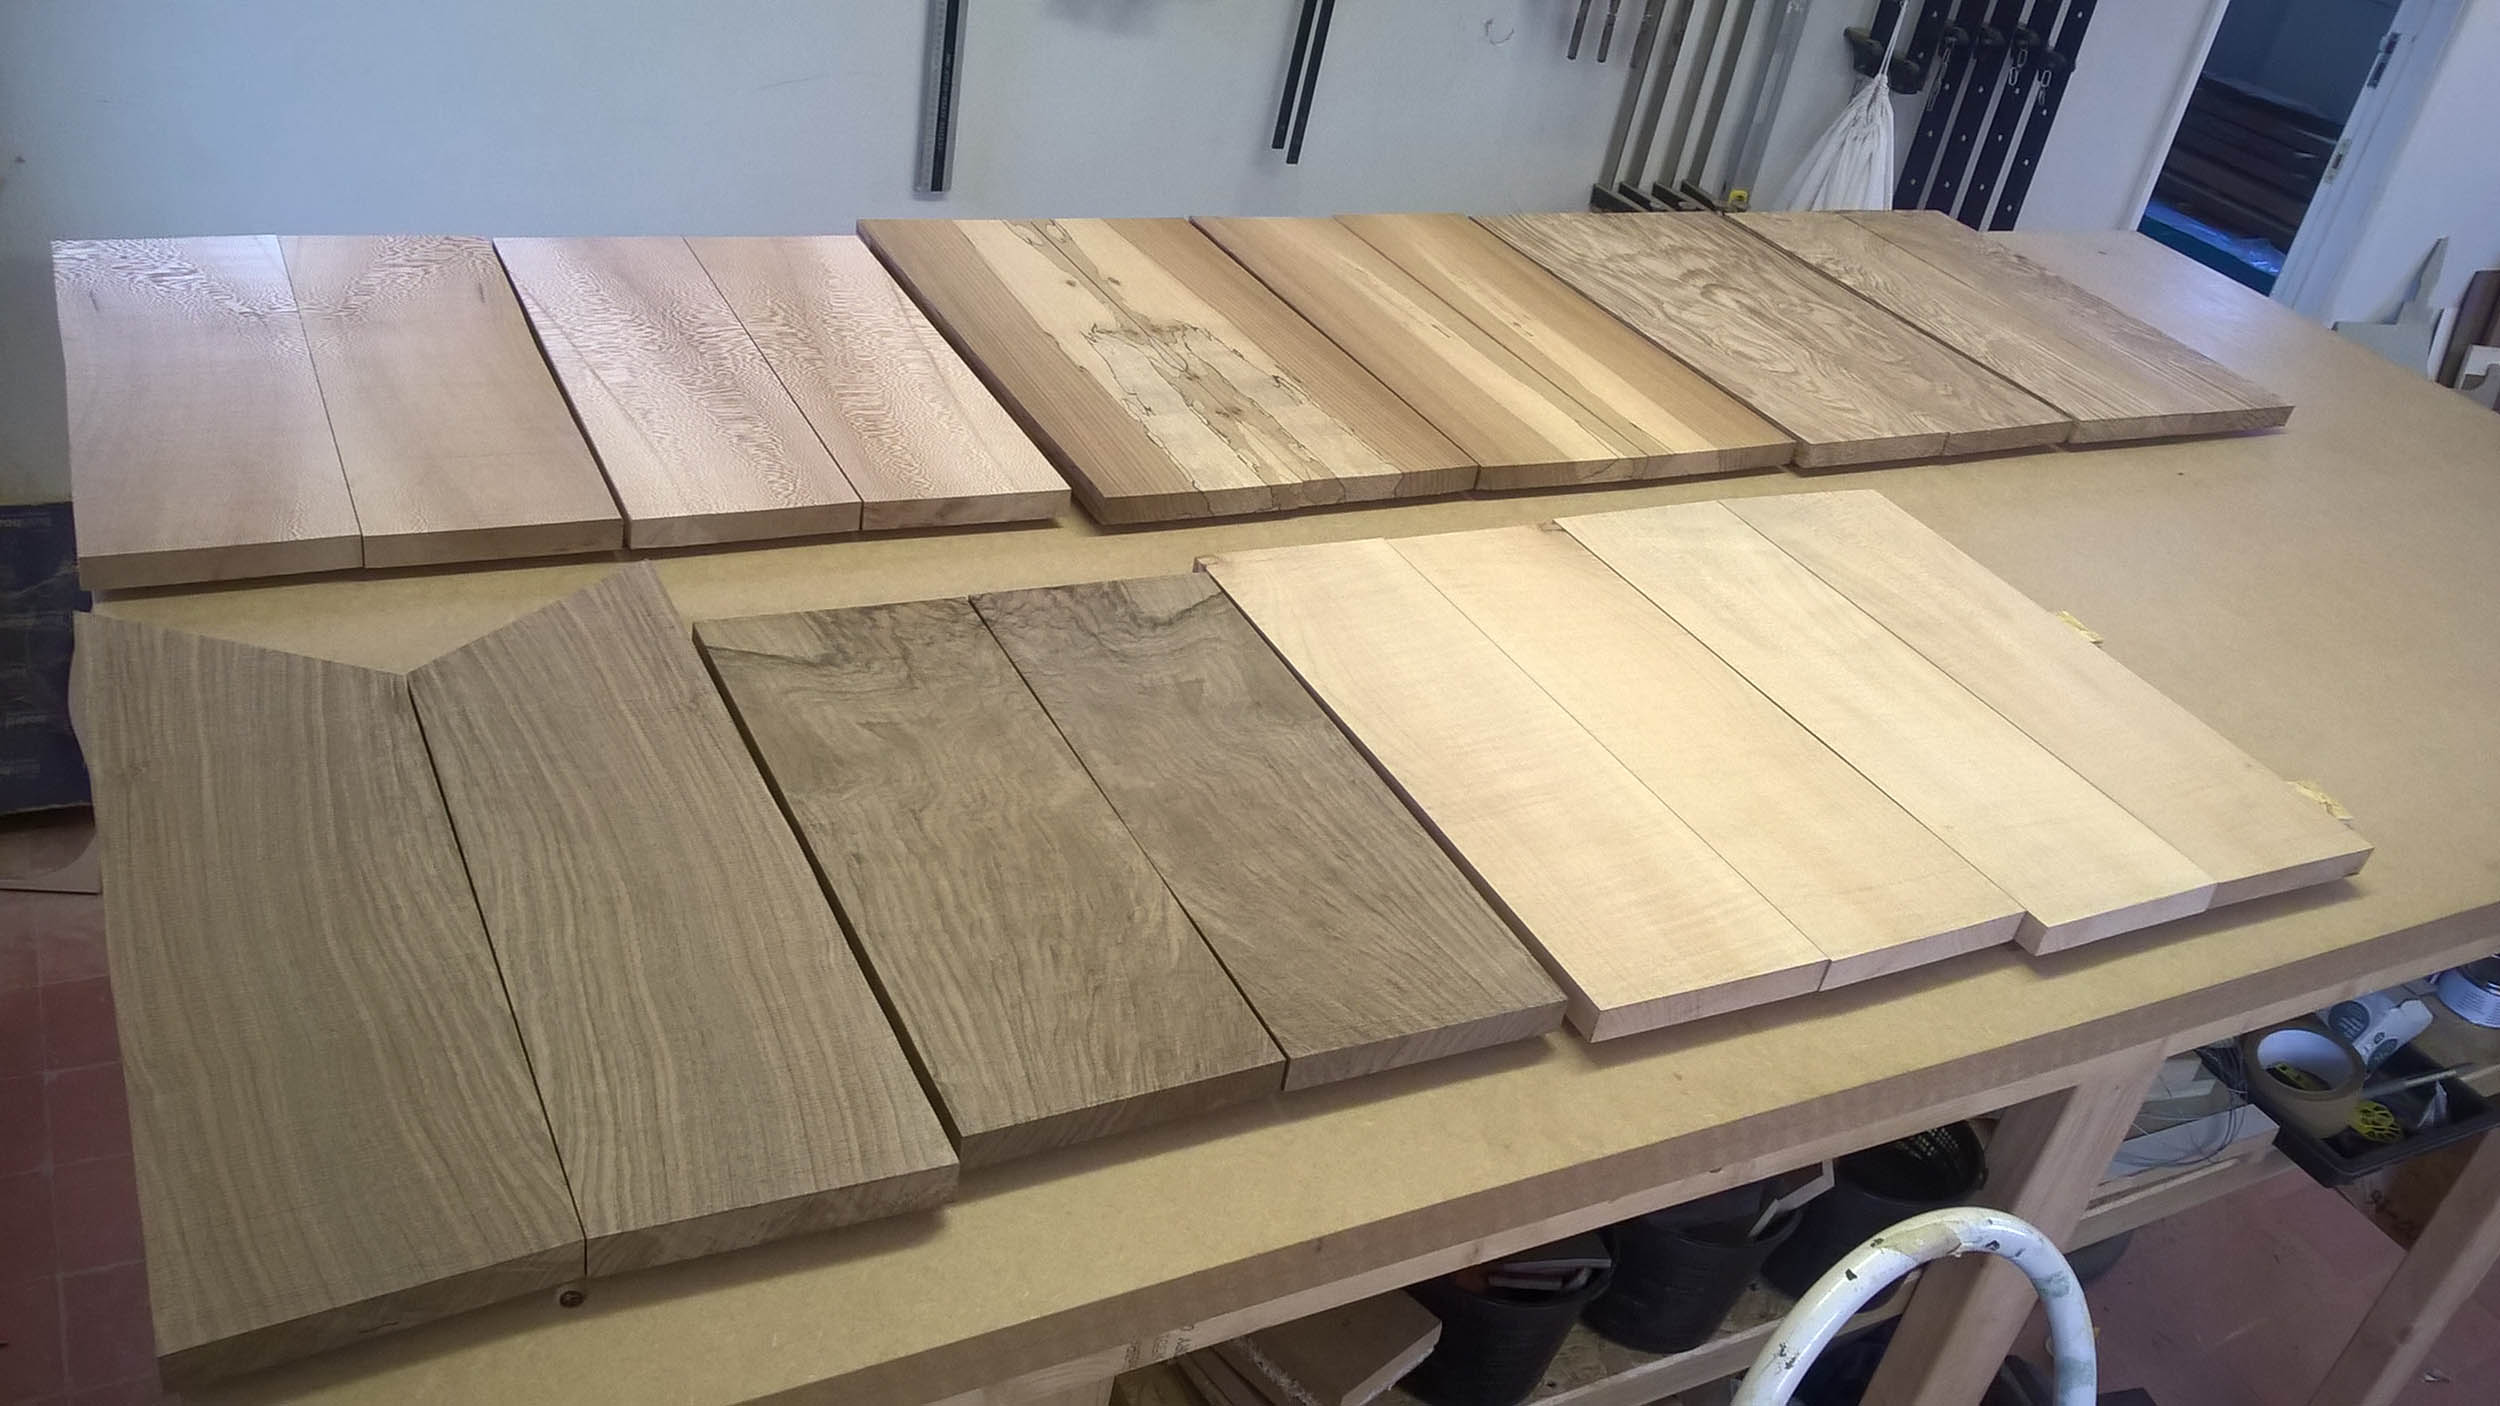 james crisp halflight guitars timber choice bookmatches.jpg